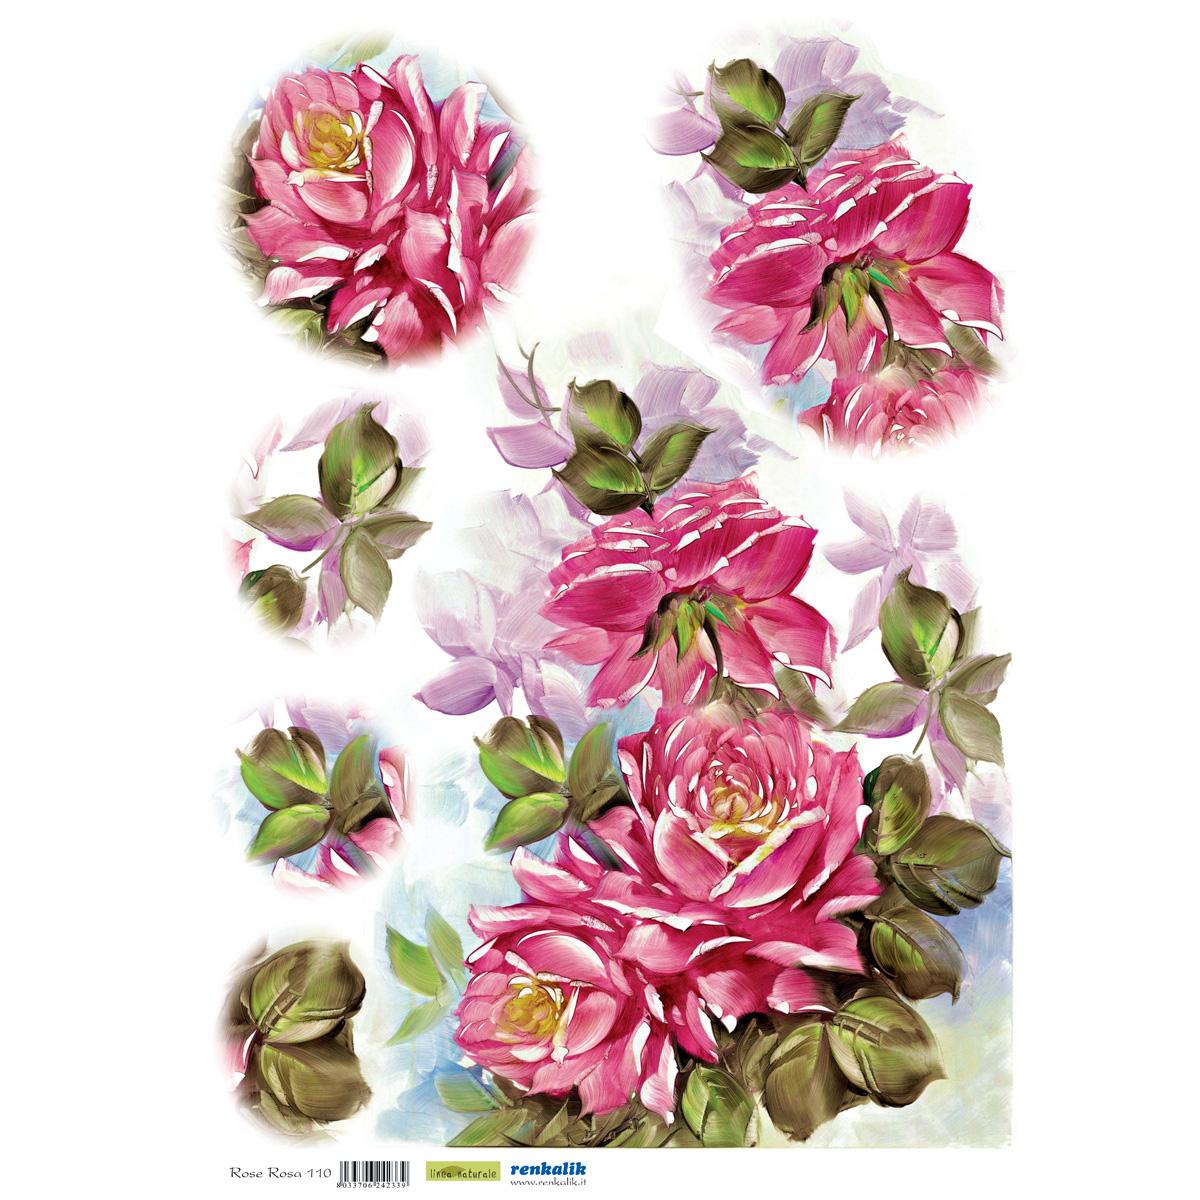 Рисовая бумага для декупажа Renkalik Розовые розы, 35 х 50 смRSP-202SБумага для декупажа Renkalik предназначена для декорирования предметов. Имеет в составе прожилки риса, которые очень красиво смотрятся на декорируемом изделии, придают ему неповторимую фактуру и создают эффект нанесенного кистью рисунка. Подходит для декора в технике декупаж на стекле, дереве, пластике, металле и любых других поверхностях. Плотность бумаги: 25 г/м2.